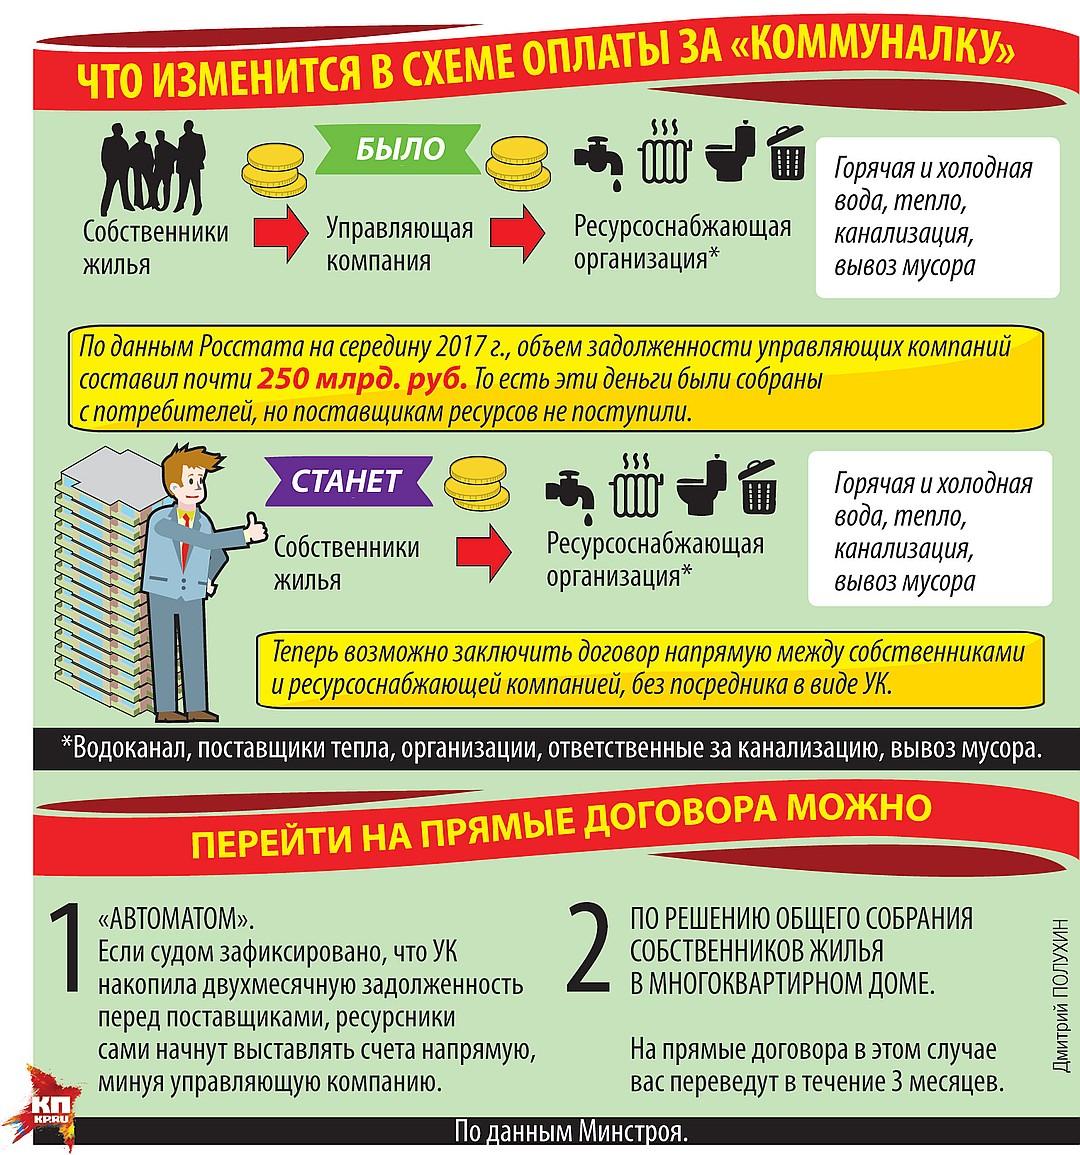 жилищный кодекс прямые договоры с ресурсоснабжающими организациями